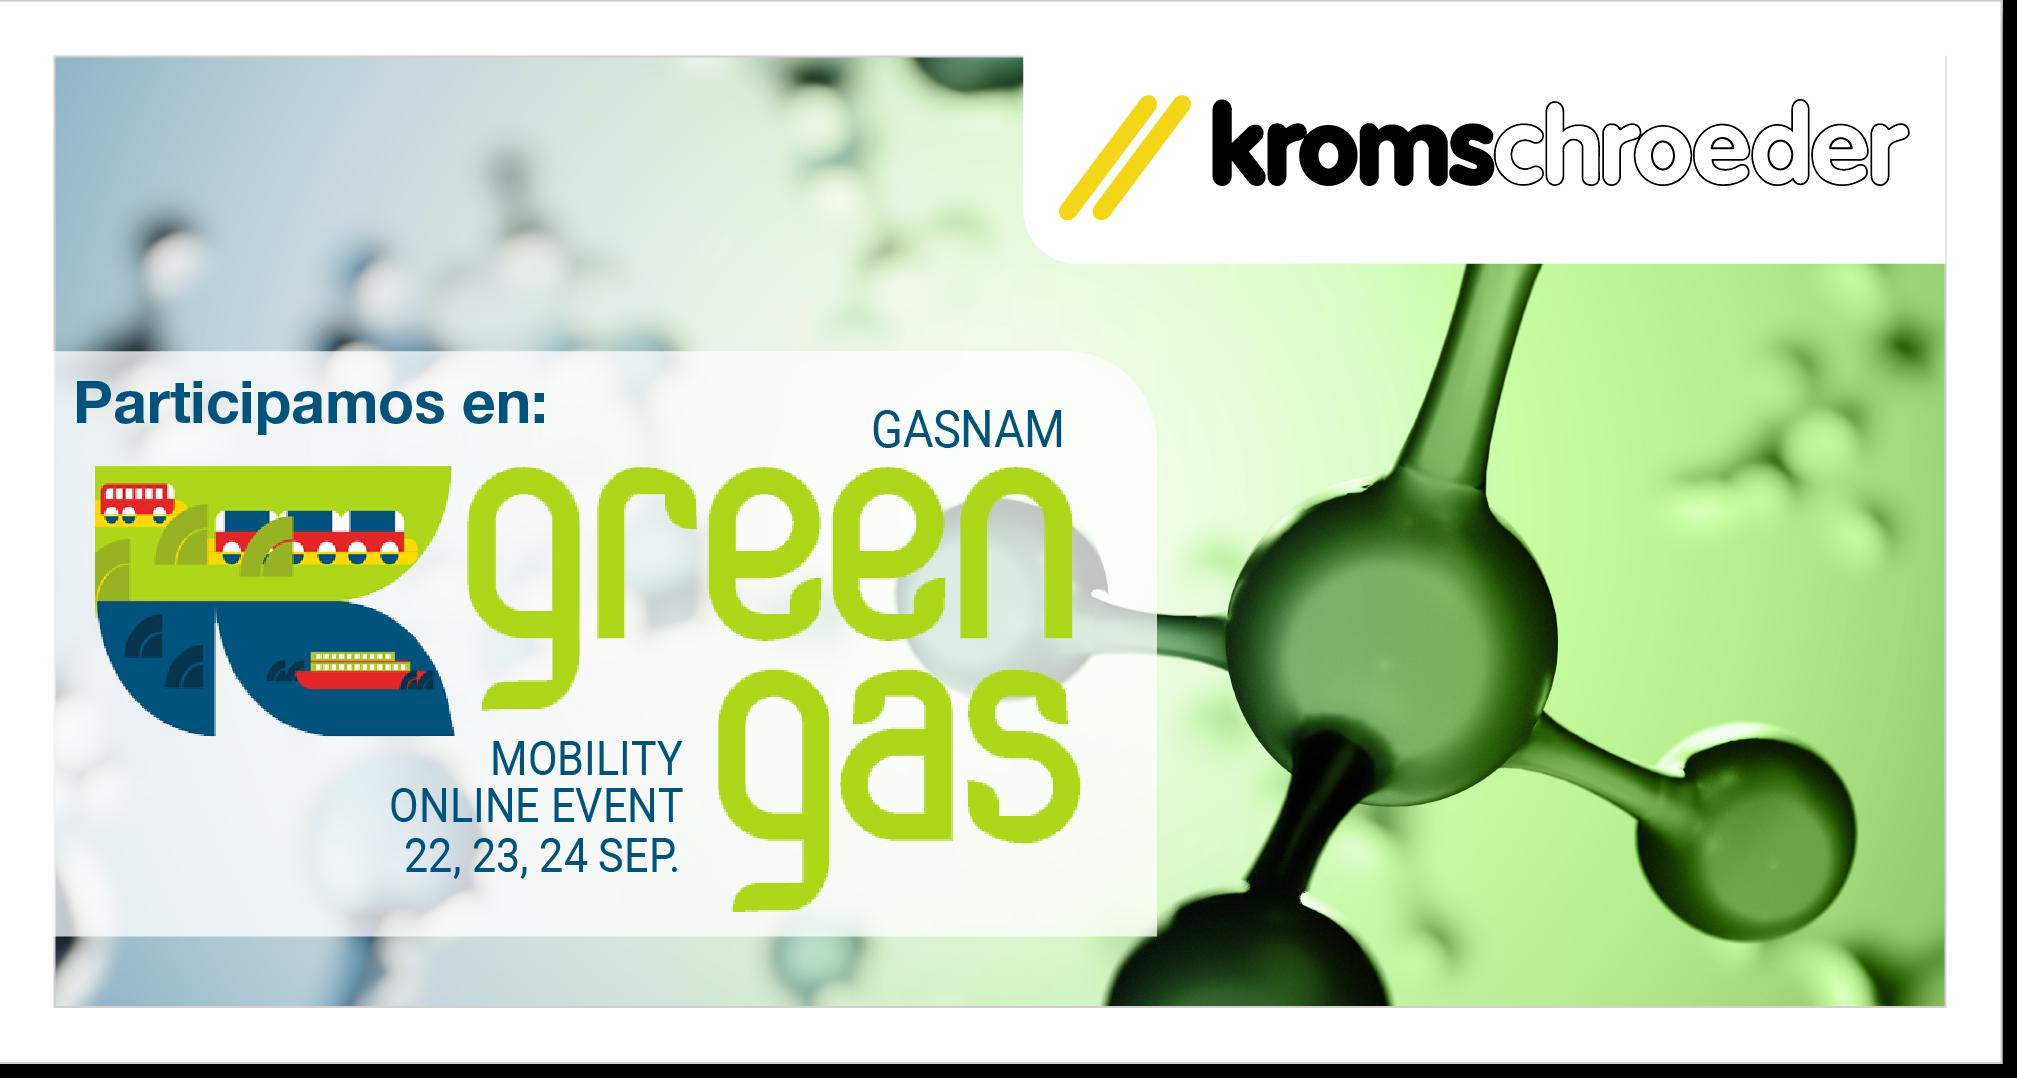 Kromschroeder en la cumbre Green Gas Mobility Online Event 2020